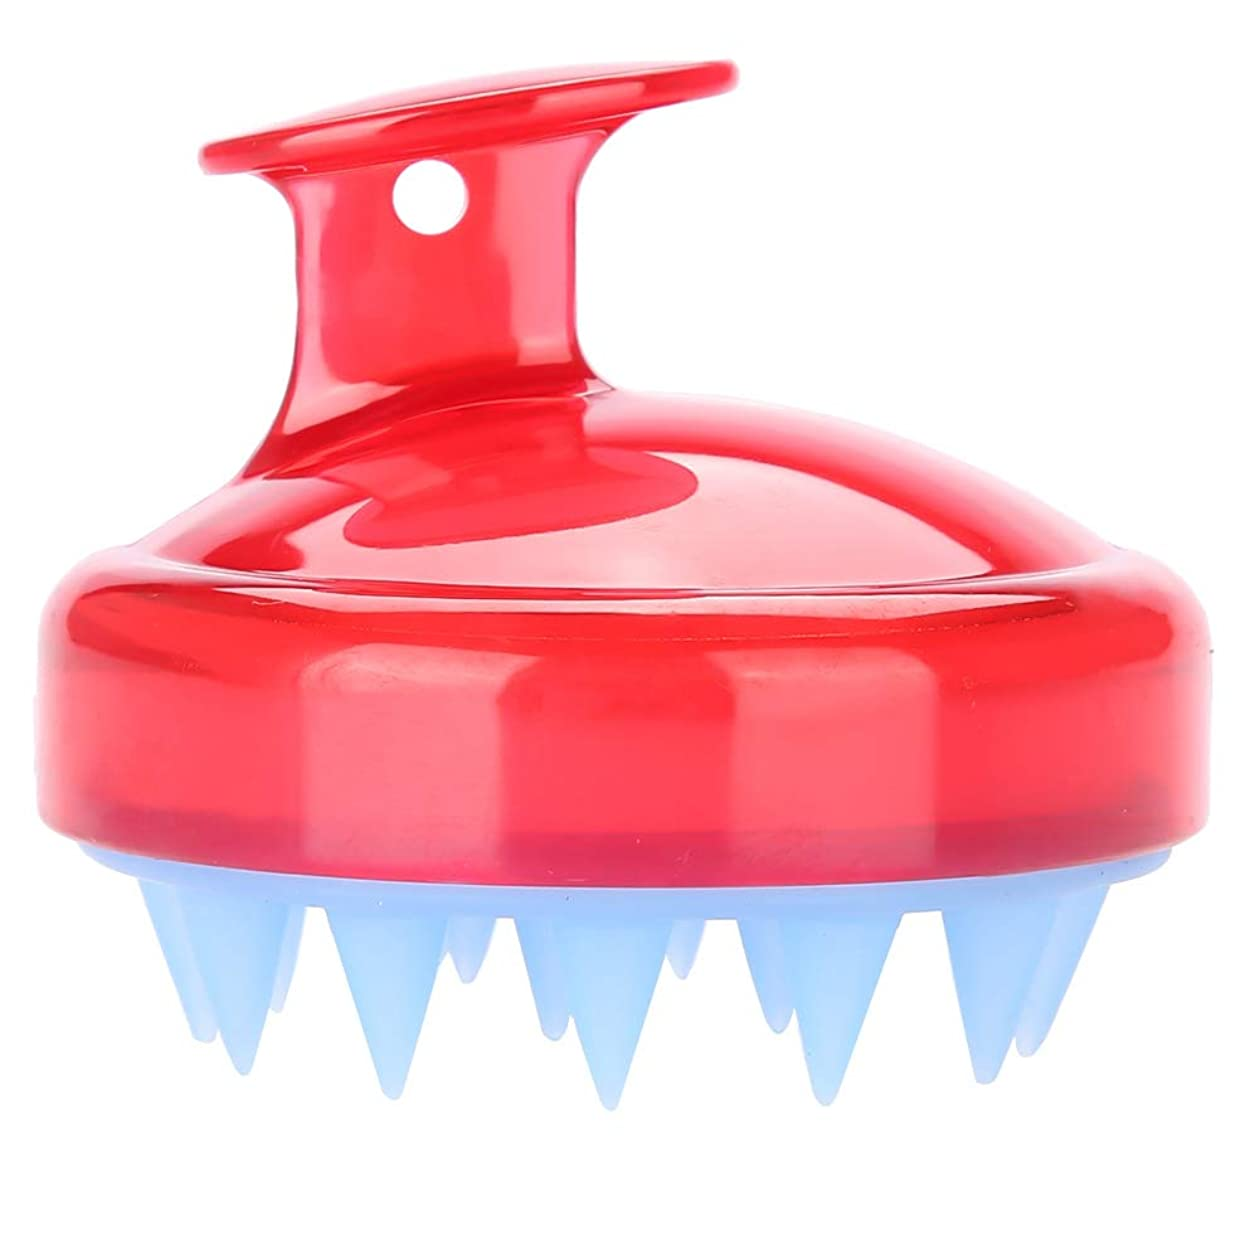 ドループスナック一晩5色マッサージャーヘッド - スカルプマッサージャー、マッサージャーブラシヘッドシャンプー - ボディ洗浄マッサージャーのためのシャワーブラシ(赤)